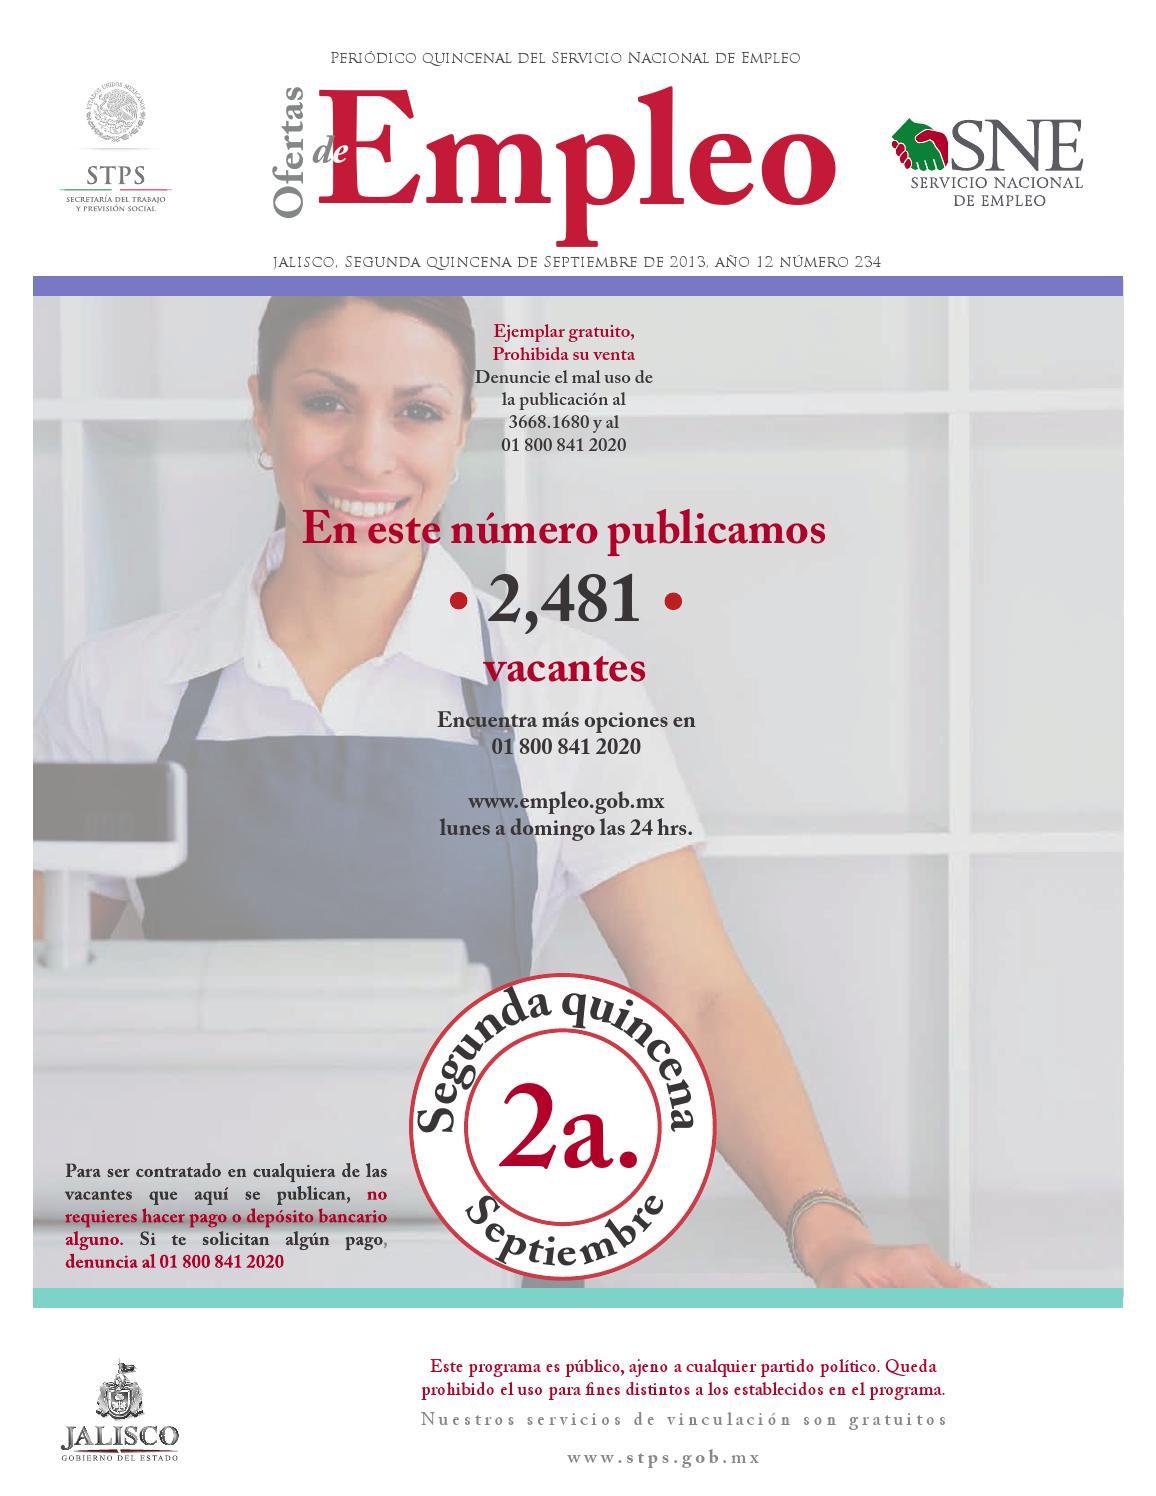 Ofertas De Empleo 2a Quincena De Septiembre 2013 By Comunicaci N  # Vacantes Muebles Dico Guadalajara